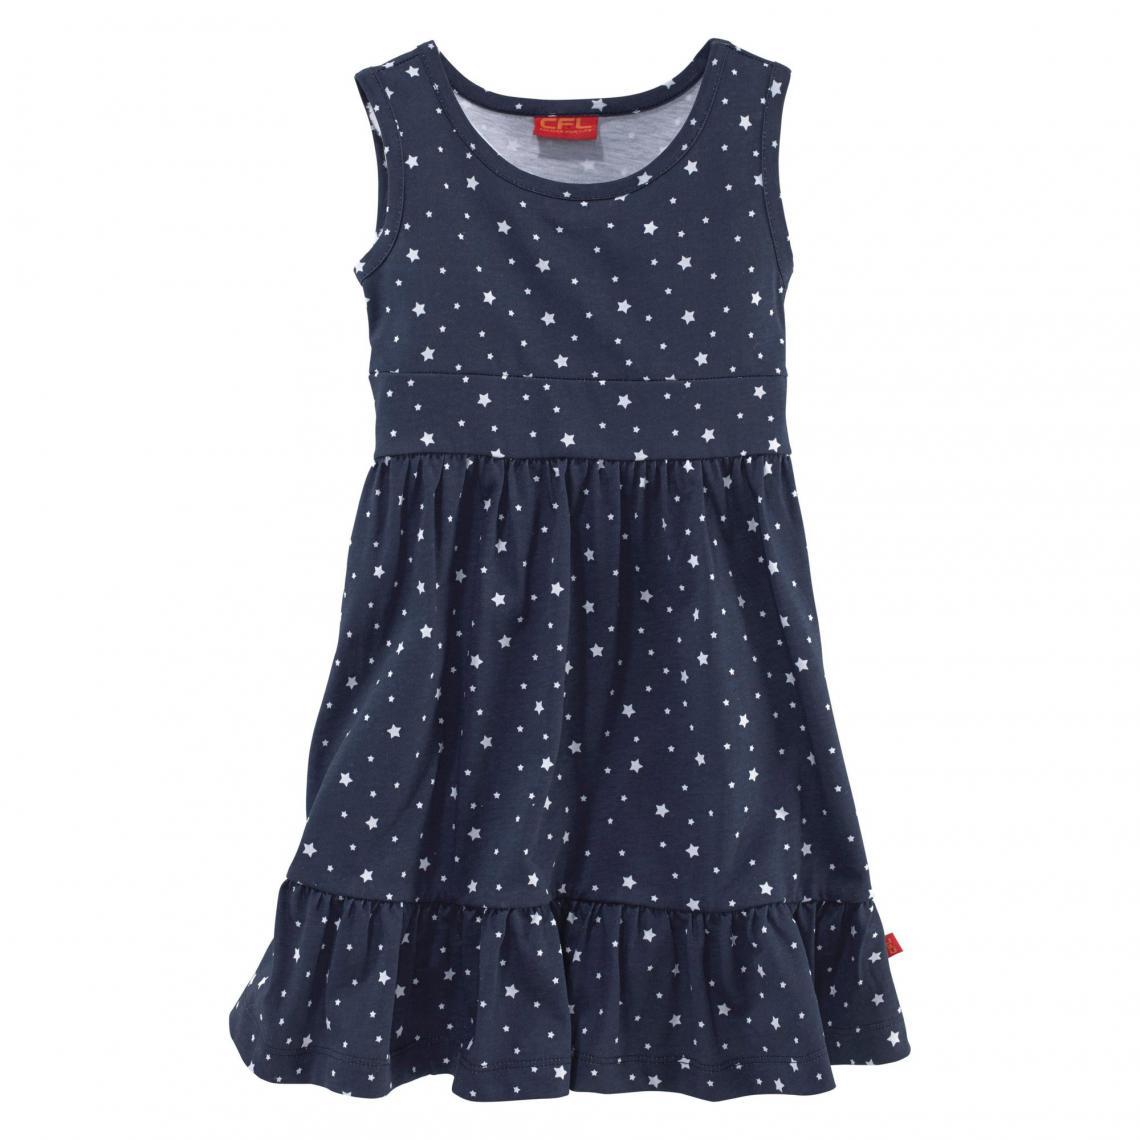 04afeb9ef8226 Ensemble robe et ruban étoilés fille Colors For Life Colors For Life Enfant